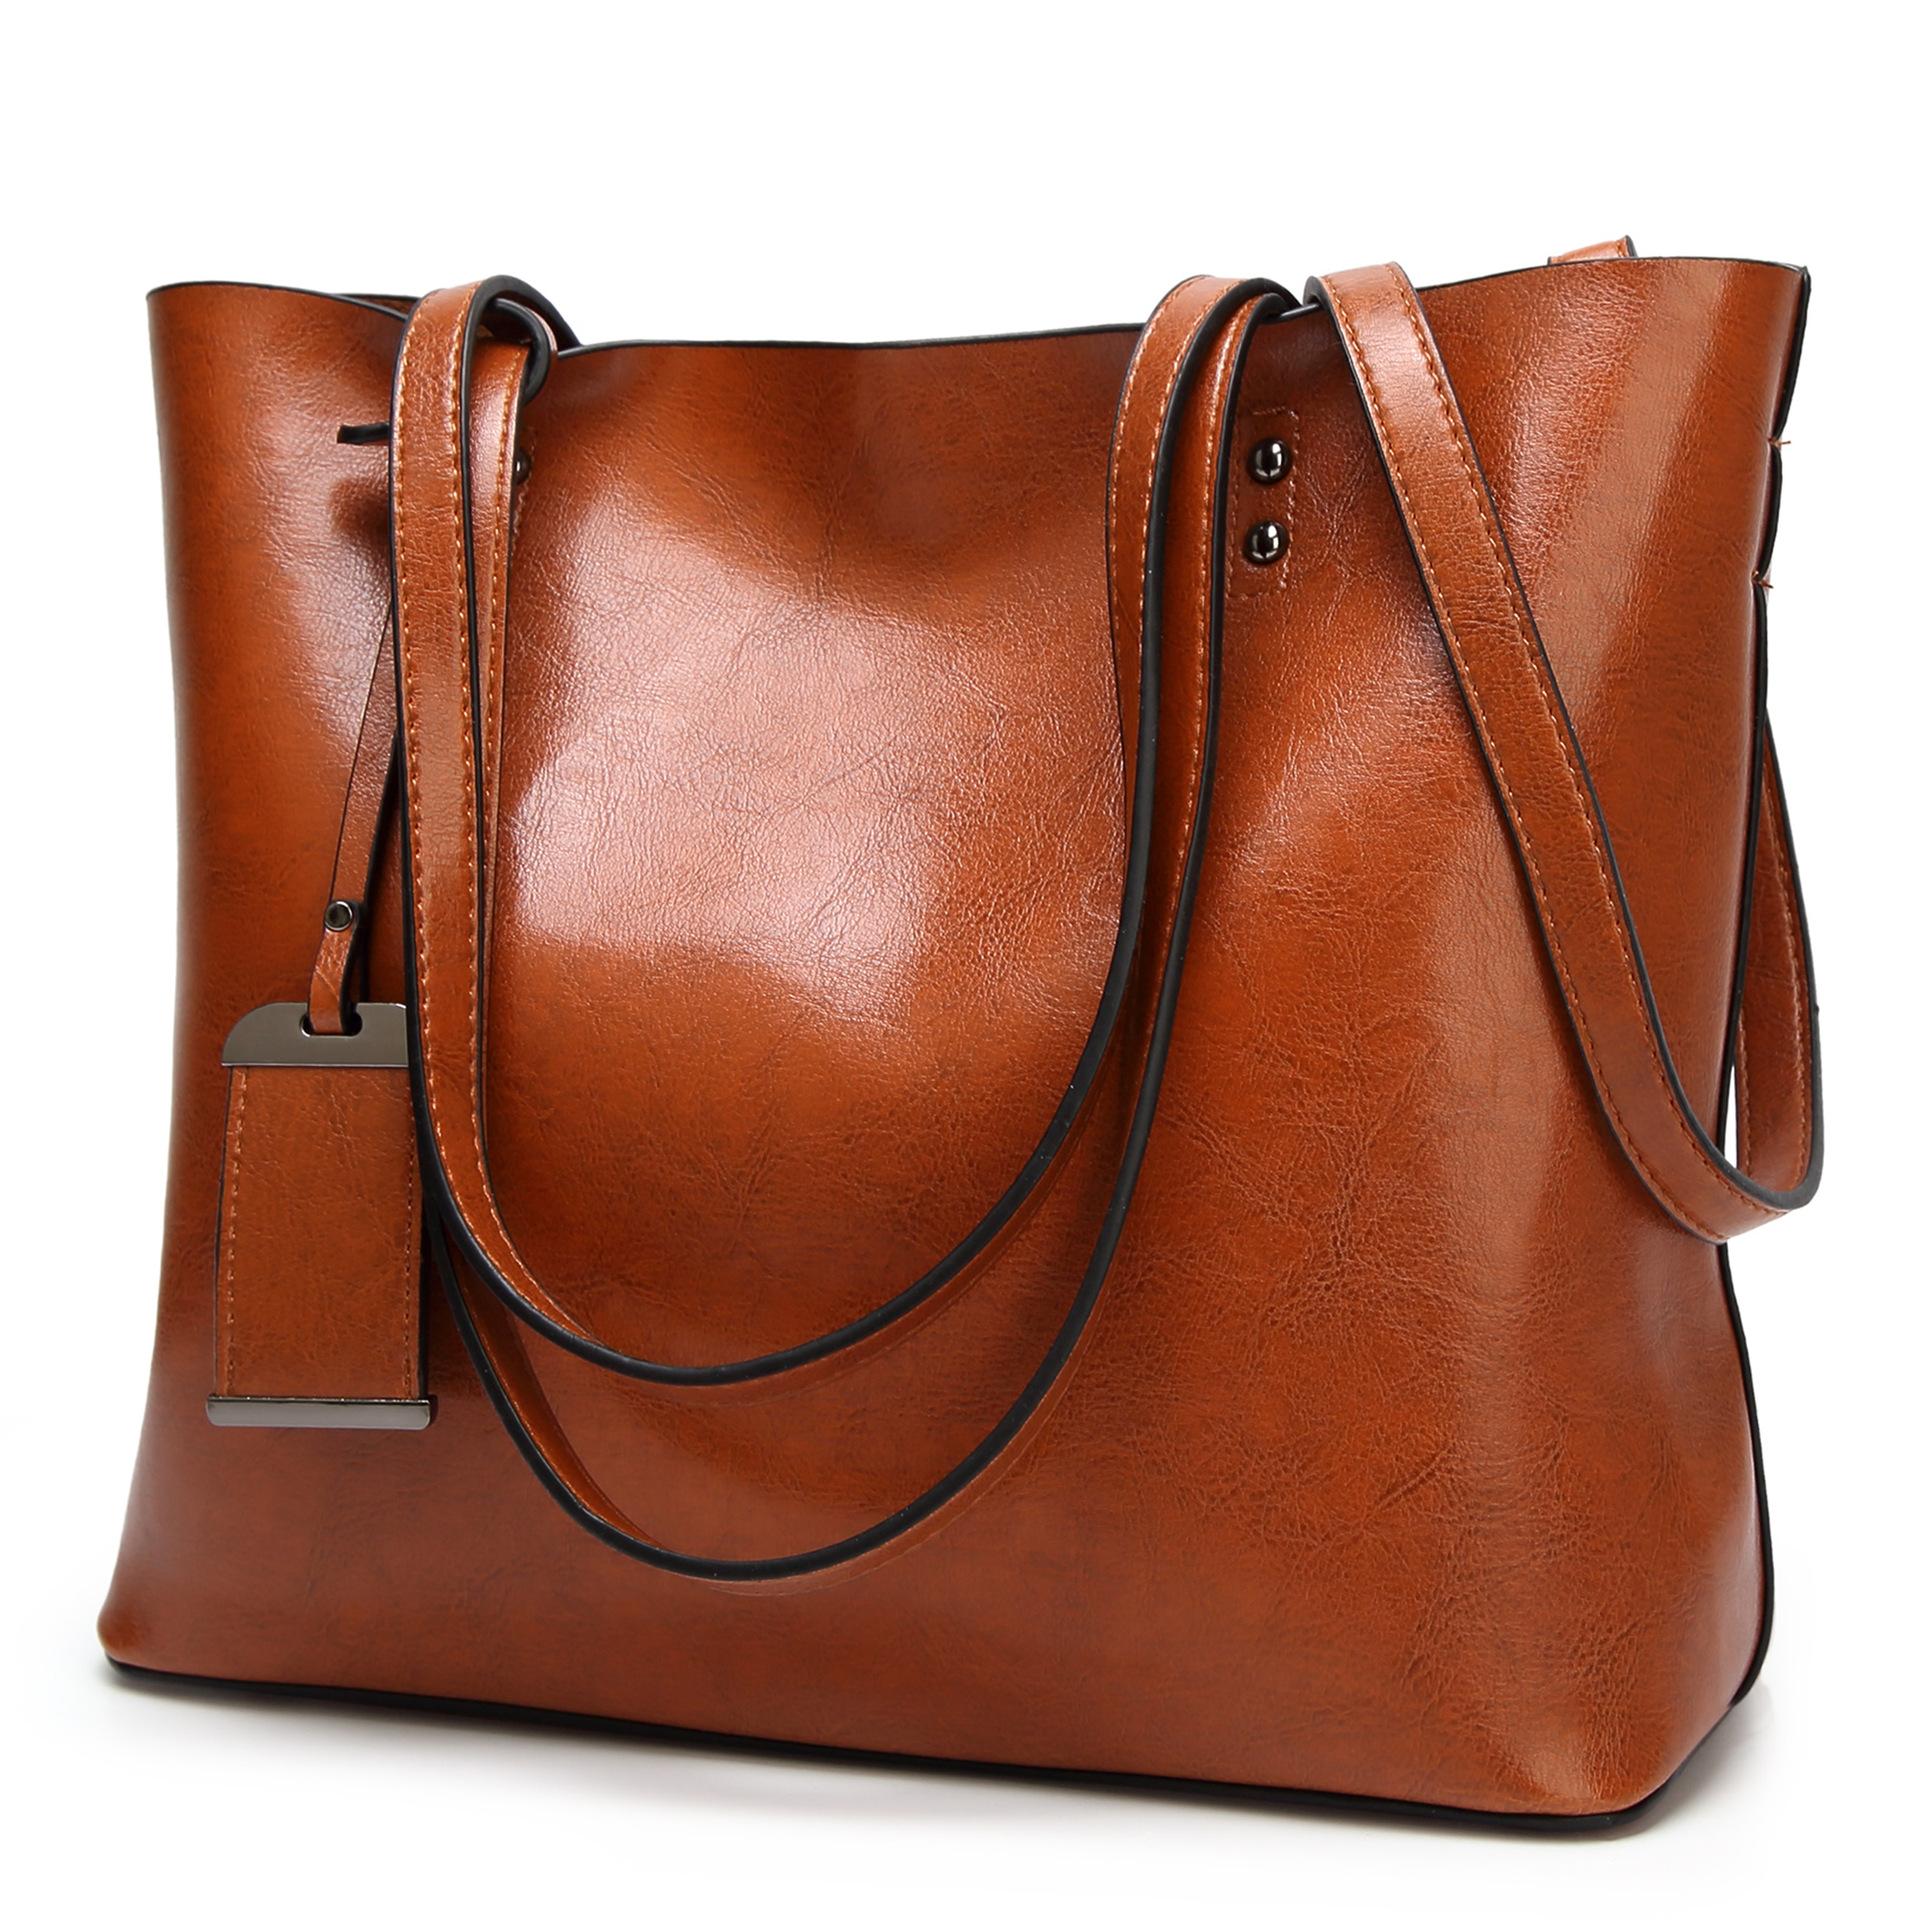 女包2017新款欧美时尚托特包复古油皮大容量单肩手提包